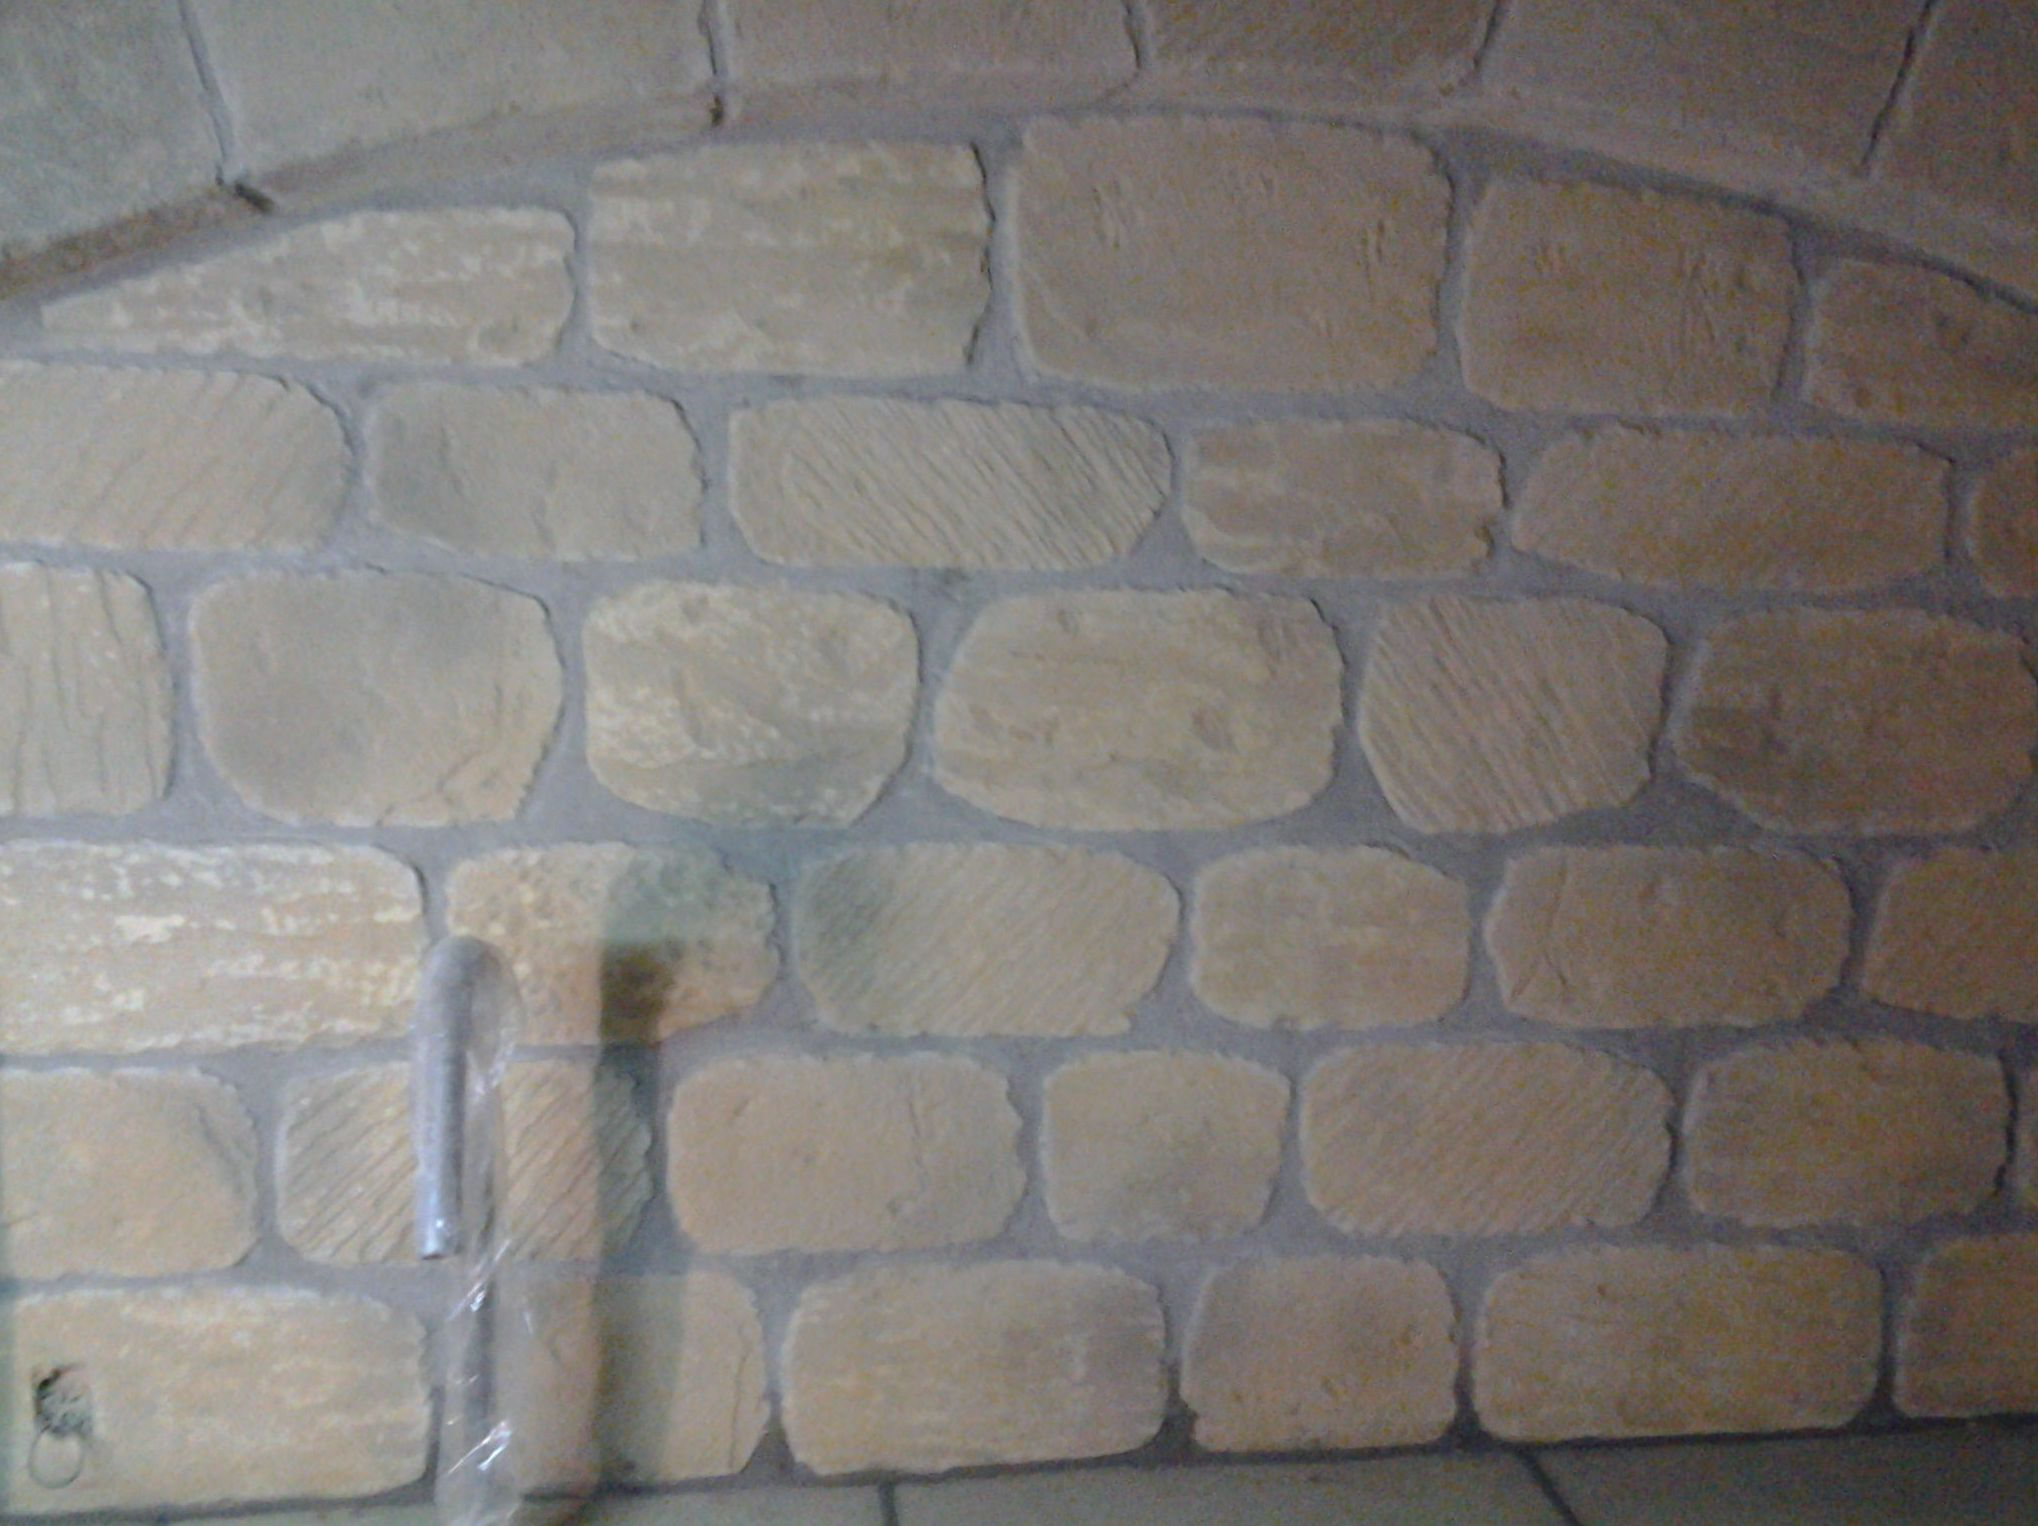 Revestimientos interiores imitación piedra en Zaragoza